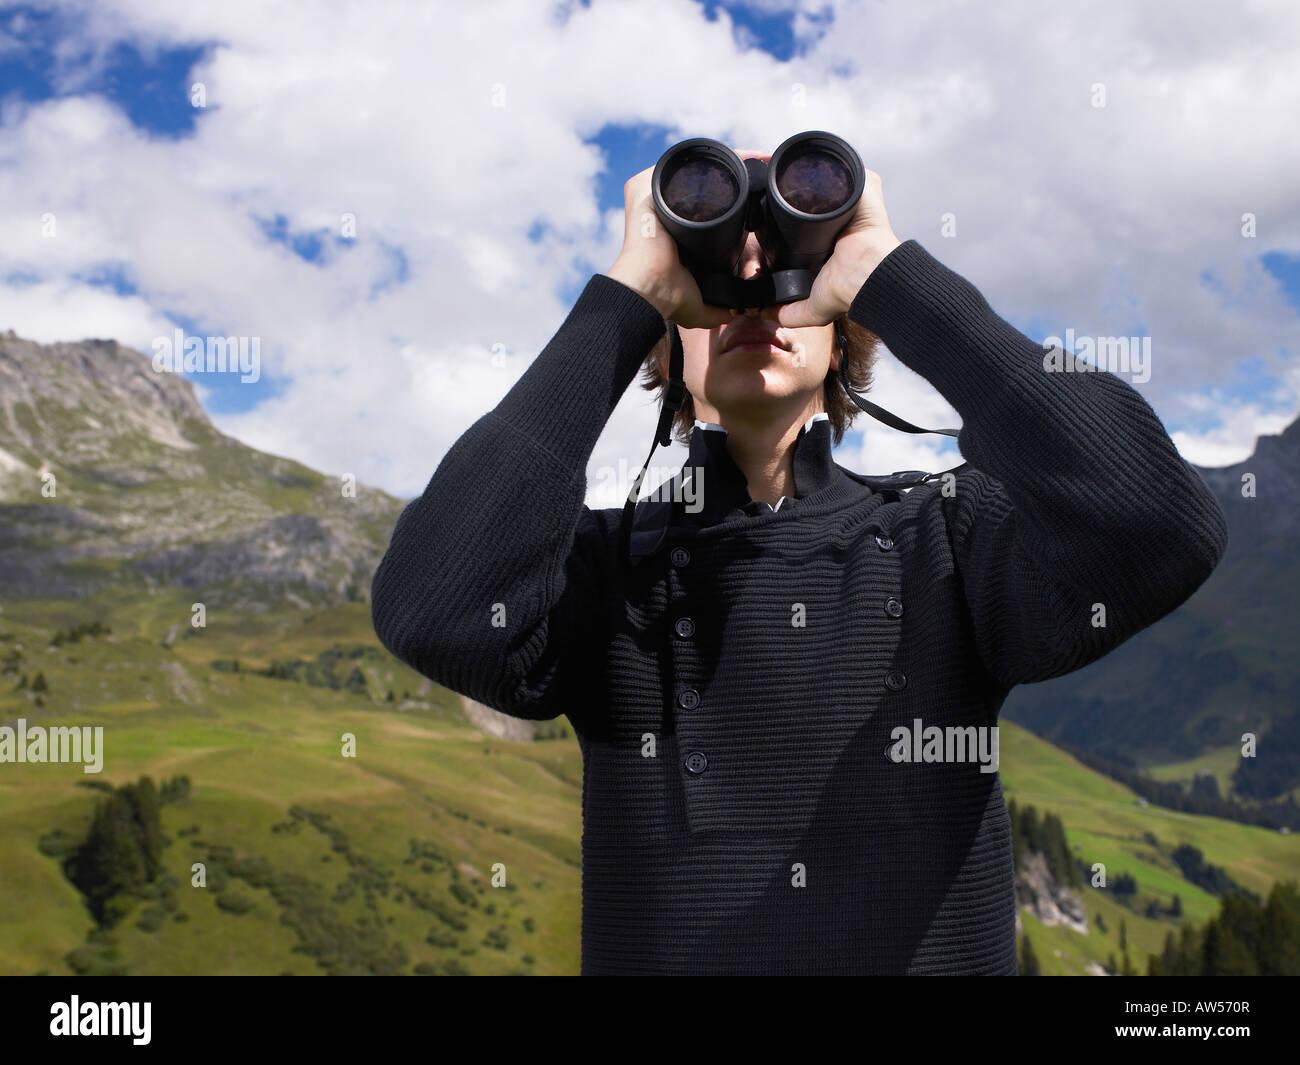 Man looking through his binoculars. - Stock Image